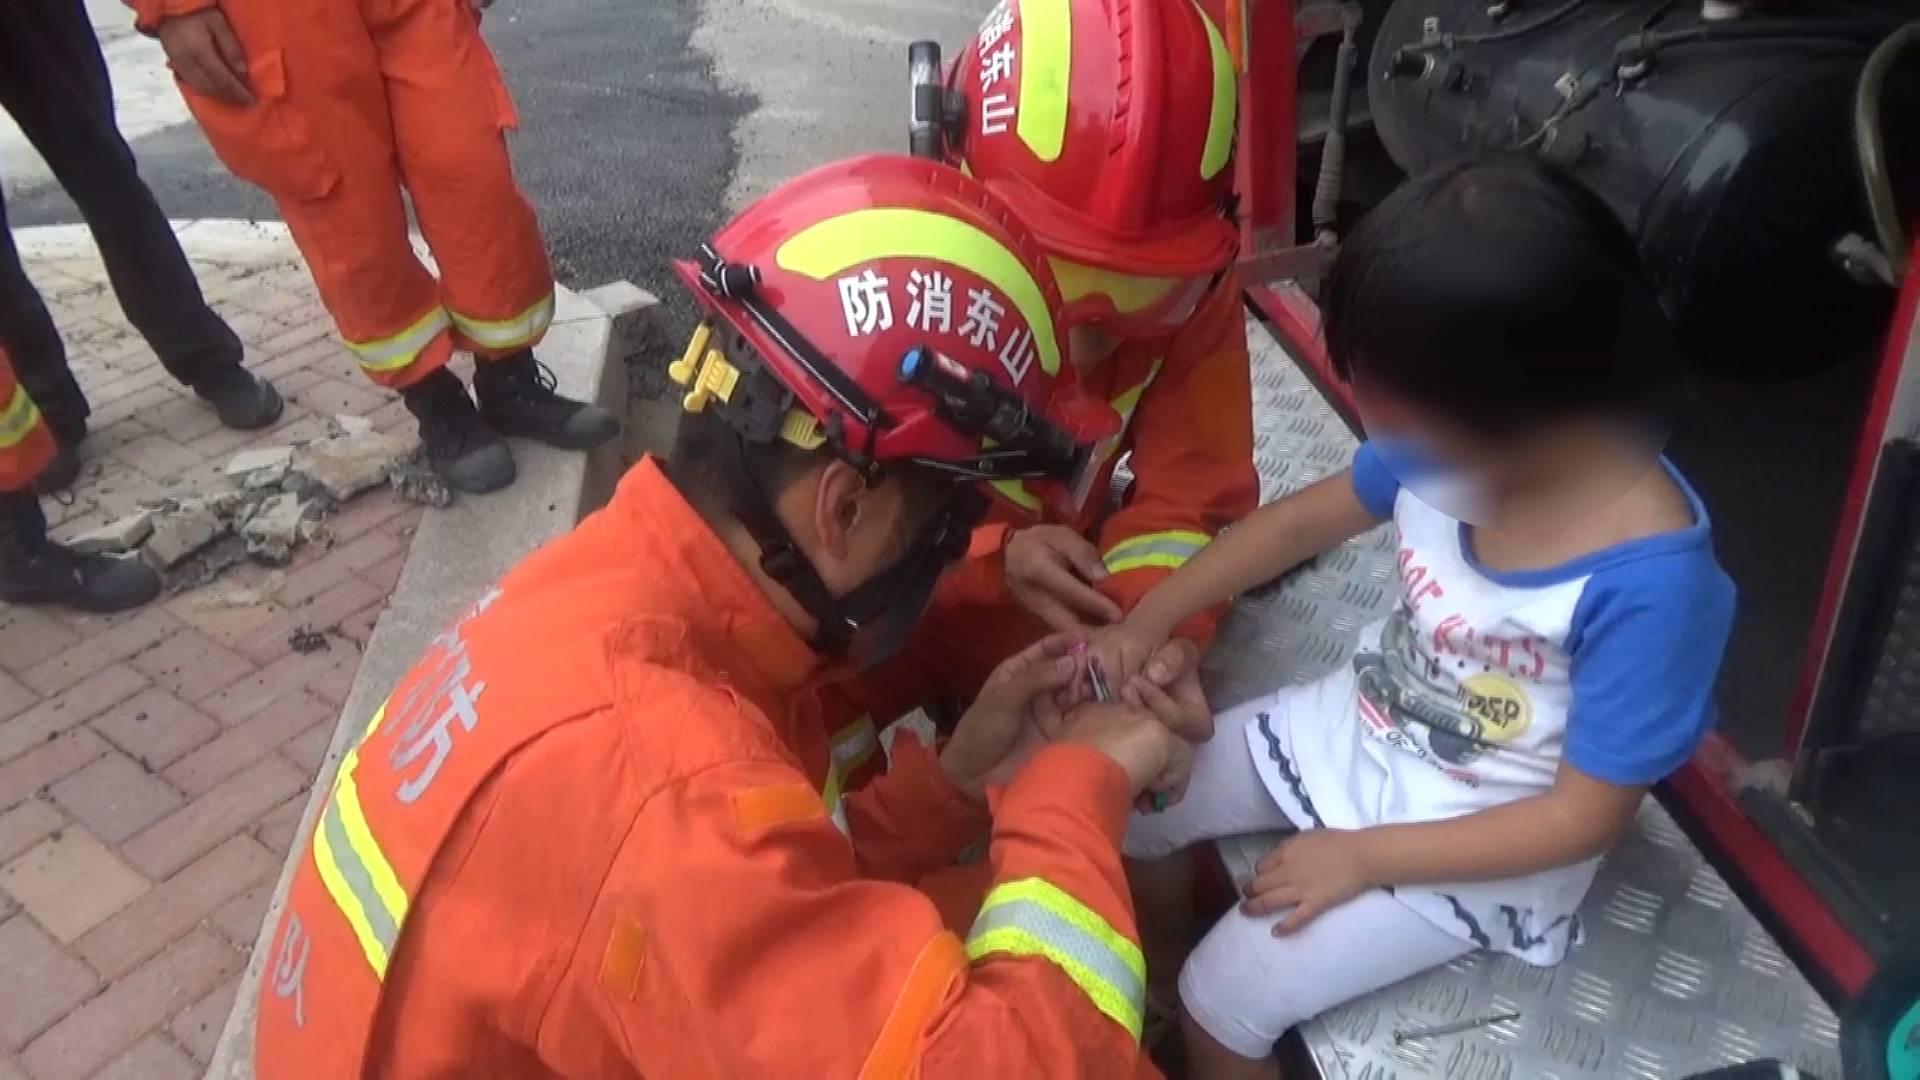 33秒丨临沂5岁女童被玩具塑料环卡住手指 消防员边安慰边救援